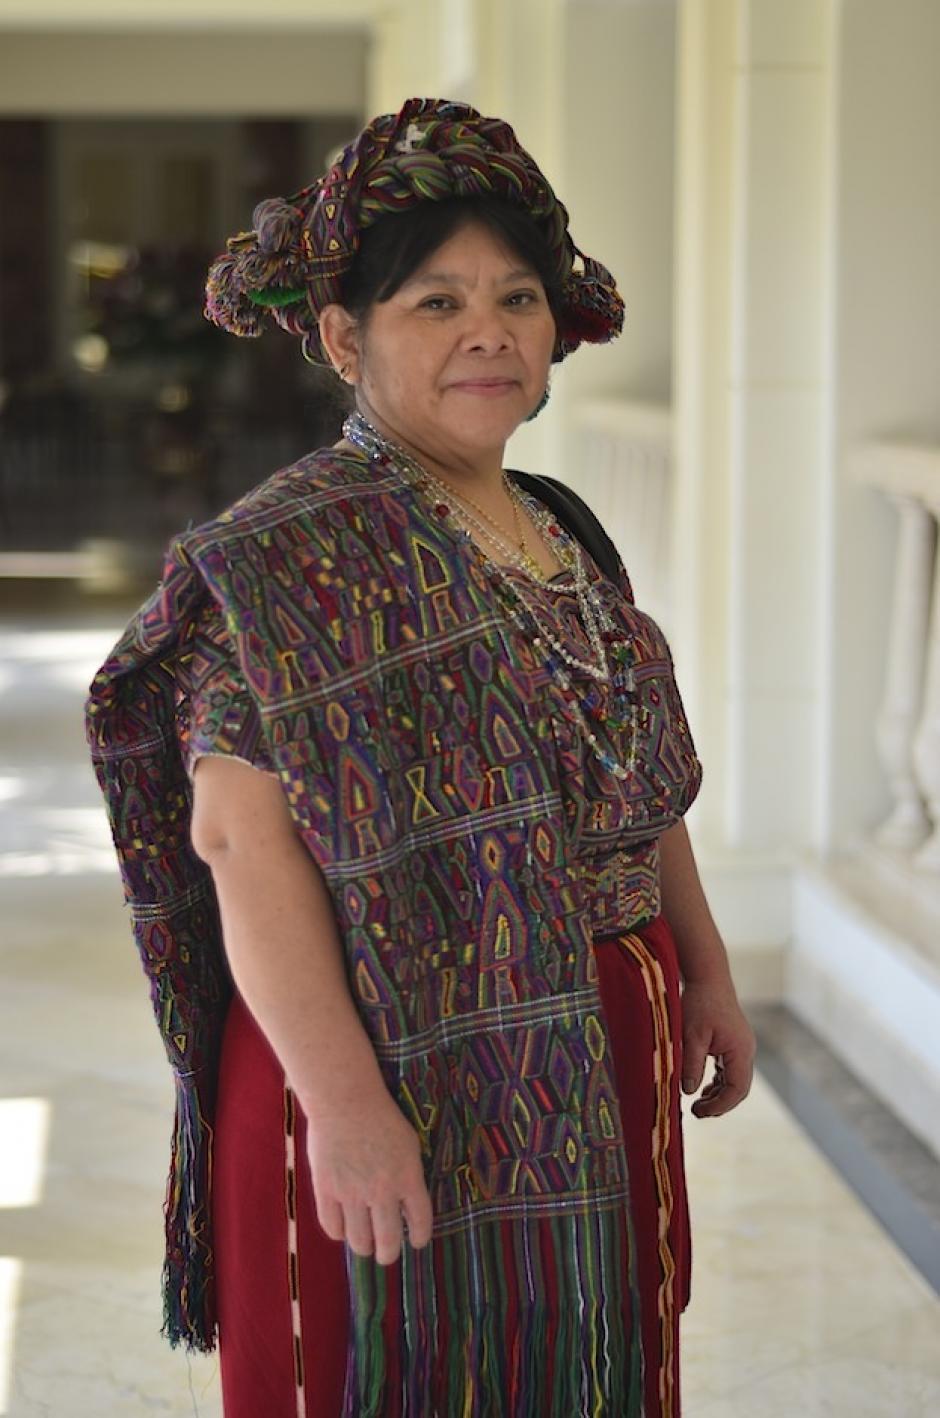 La guatemalteca residente en Estados Unidos promueve nuestra cultura además de ser traductora Ixil. (Foto: Selene Mejía/Soy502)